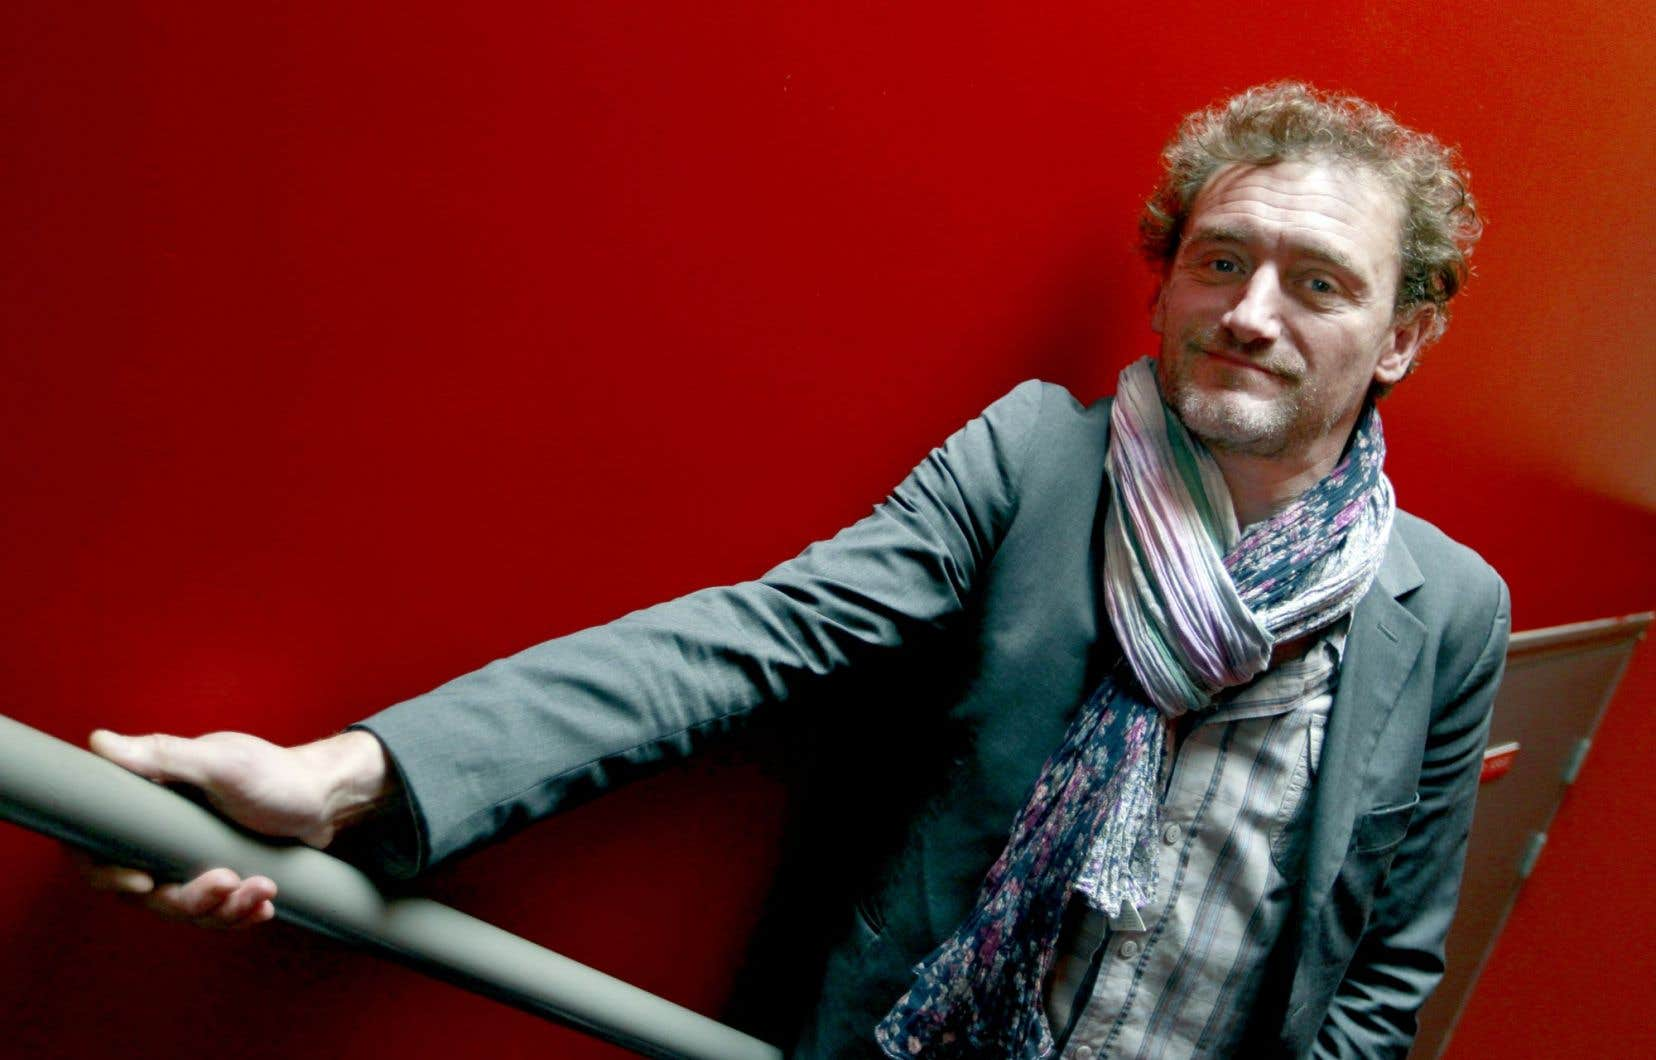 Le cinéaste français Jean-Paul Rouve s'est senti inspiré par l'œuvre littéraire de David Foenkinos, plus particulièrement par le roman «Les souvenirs».